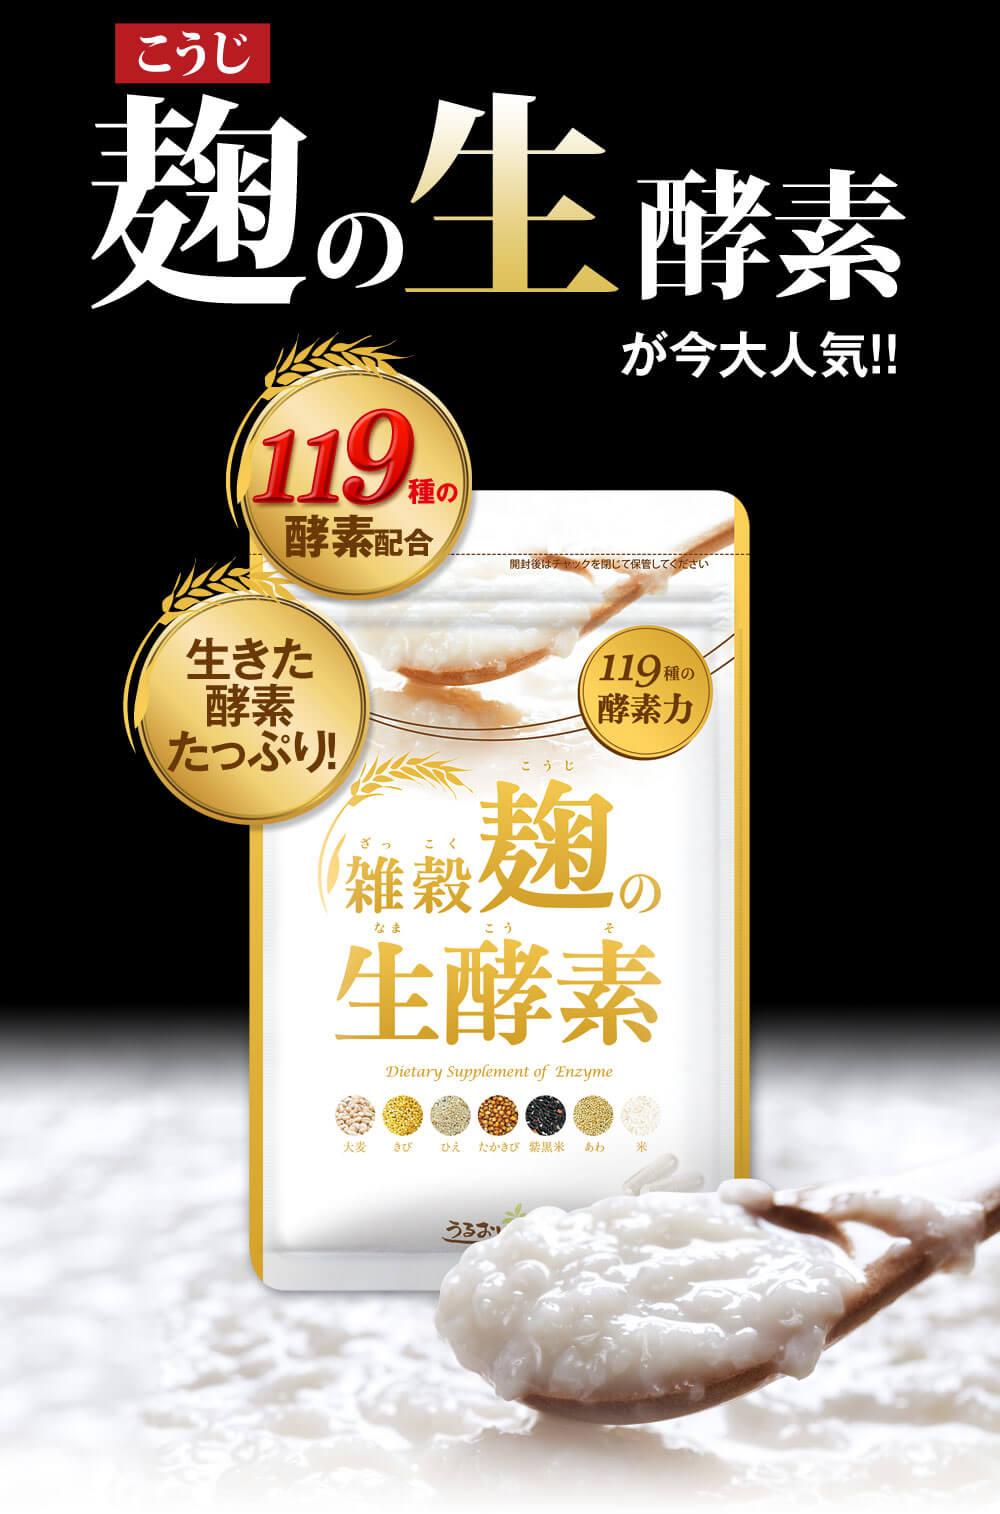 雑穀麹の生酵素の悪い口コミ多すぎ!?成分効果や痩せない評判を検証!定期のトクトクコースは解約不可?